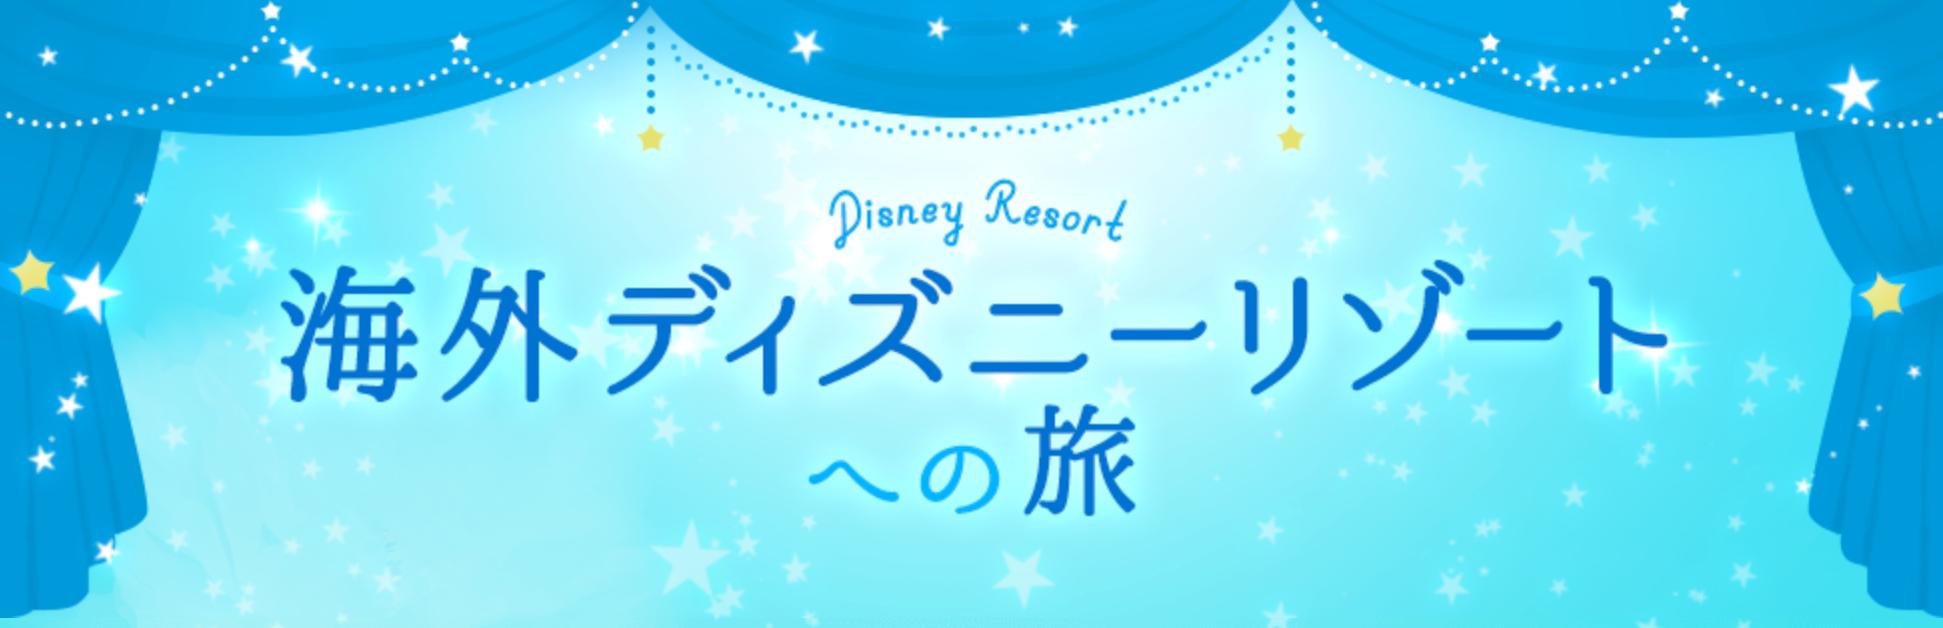 近畿日本ツーリストの海外ディズニー・リゾート特集